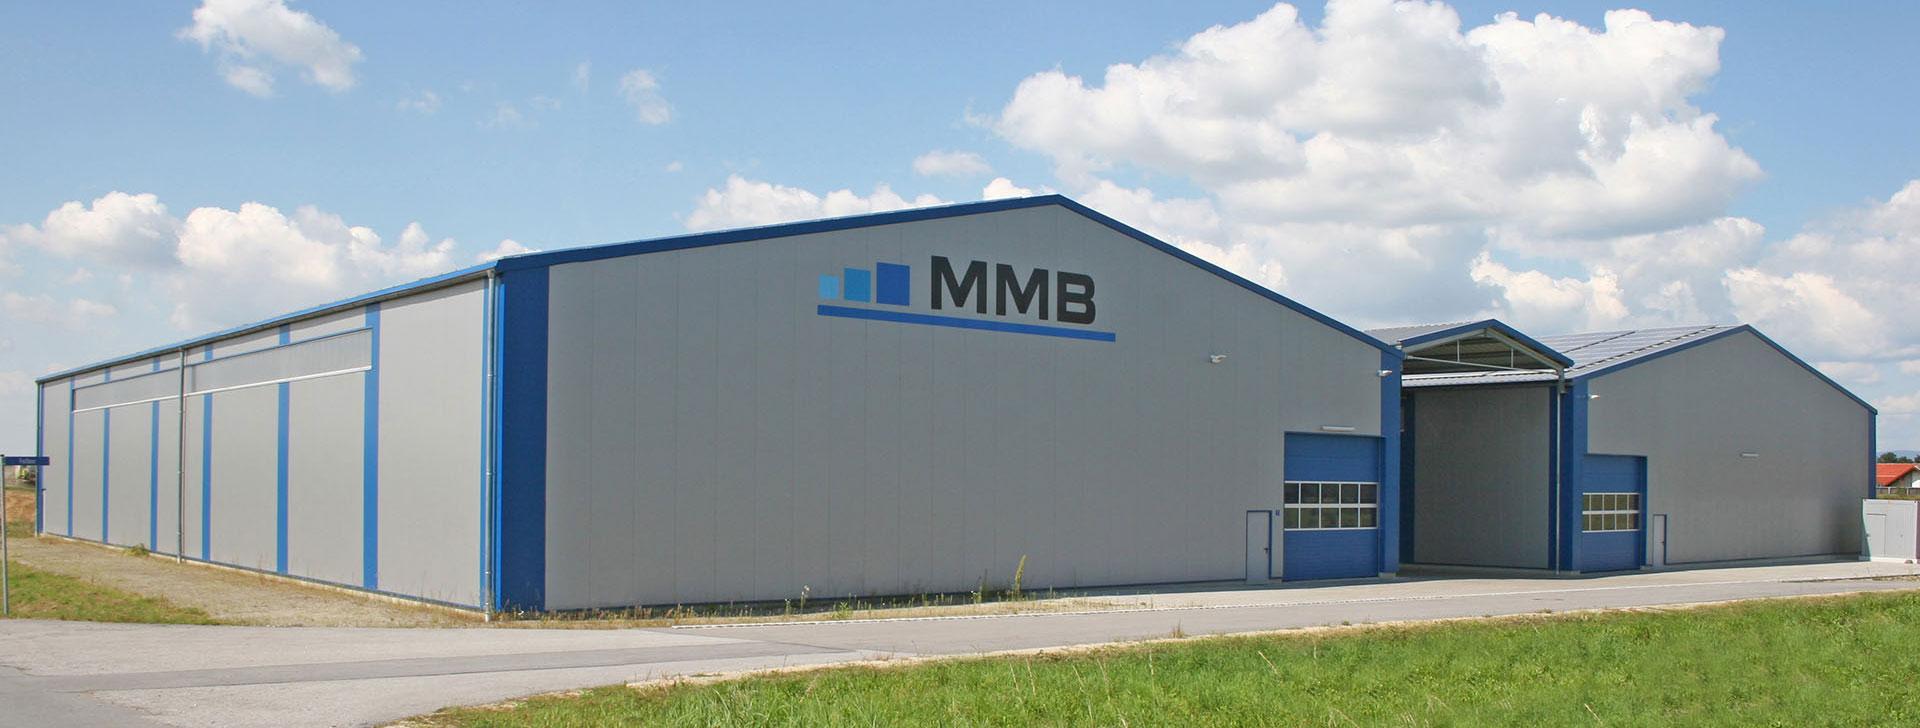 Prächtig Stahlhallen für Produktion und Lagerung für das Gewerbe @SD_55